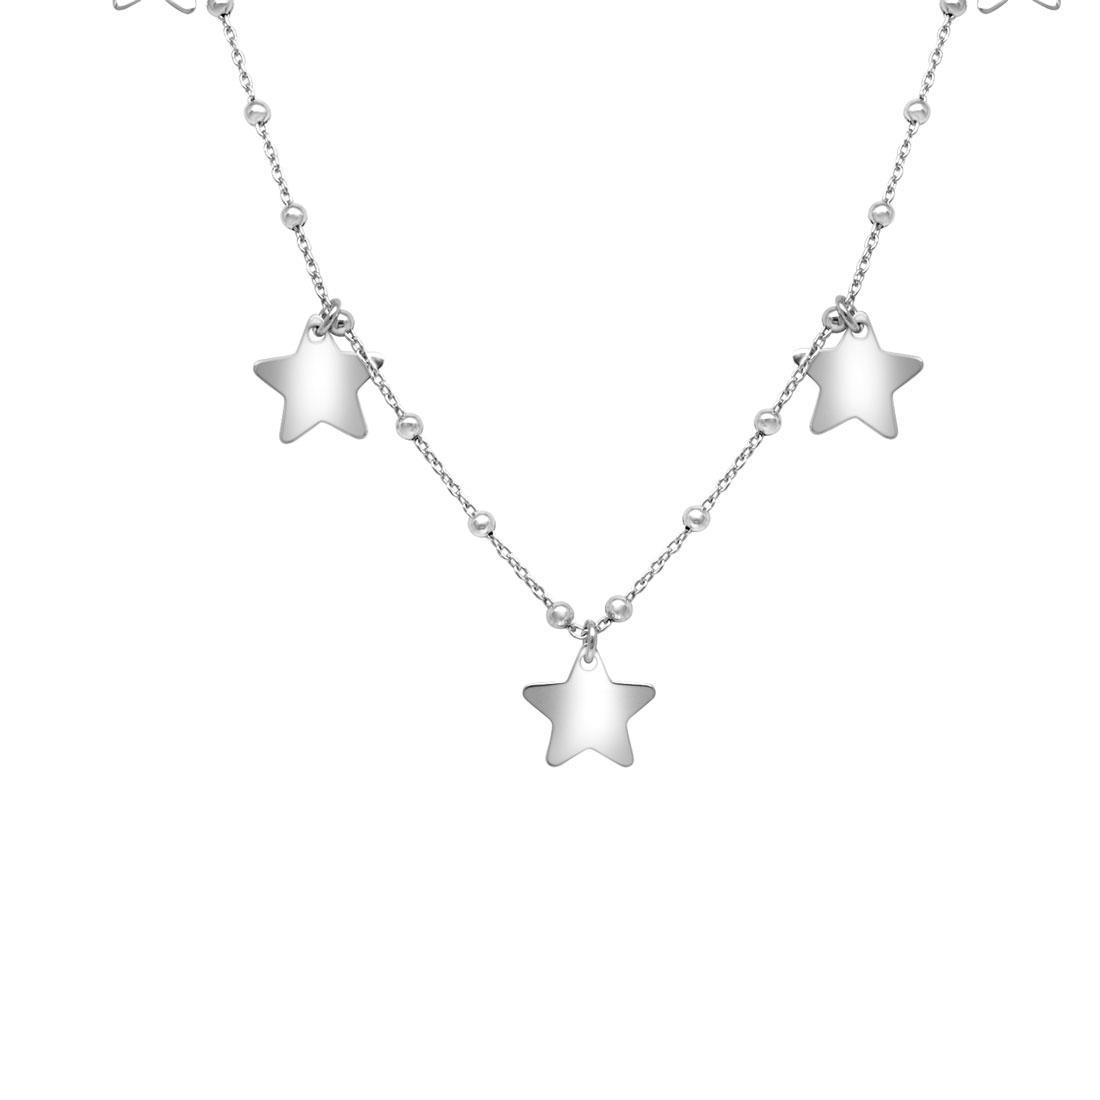 Collana in argento 925 con stelline - ORO&CO